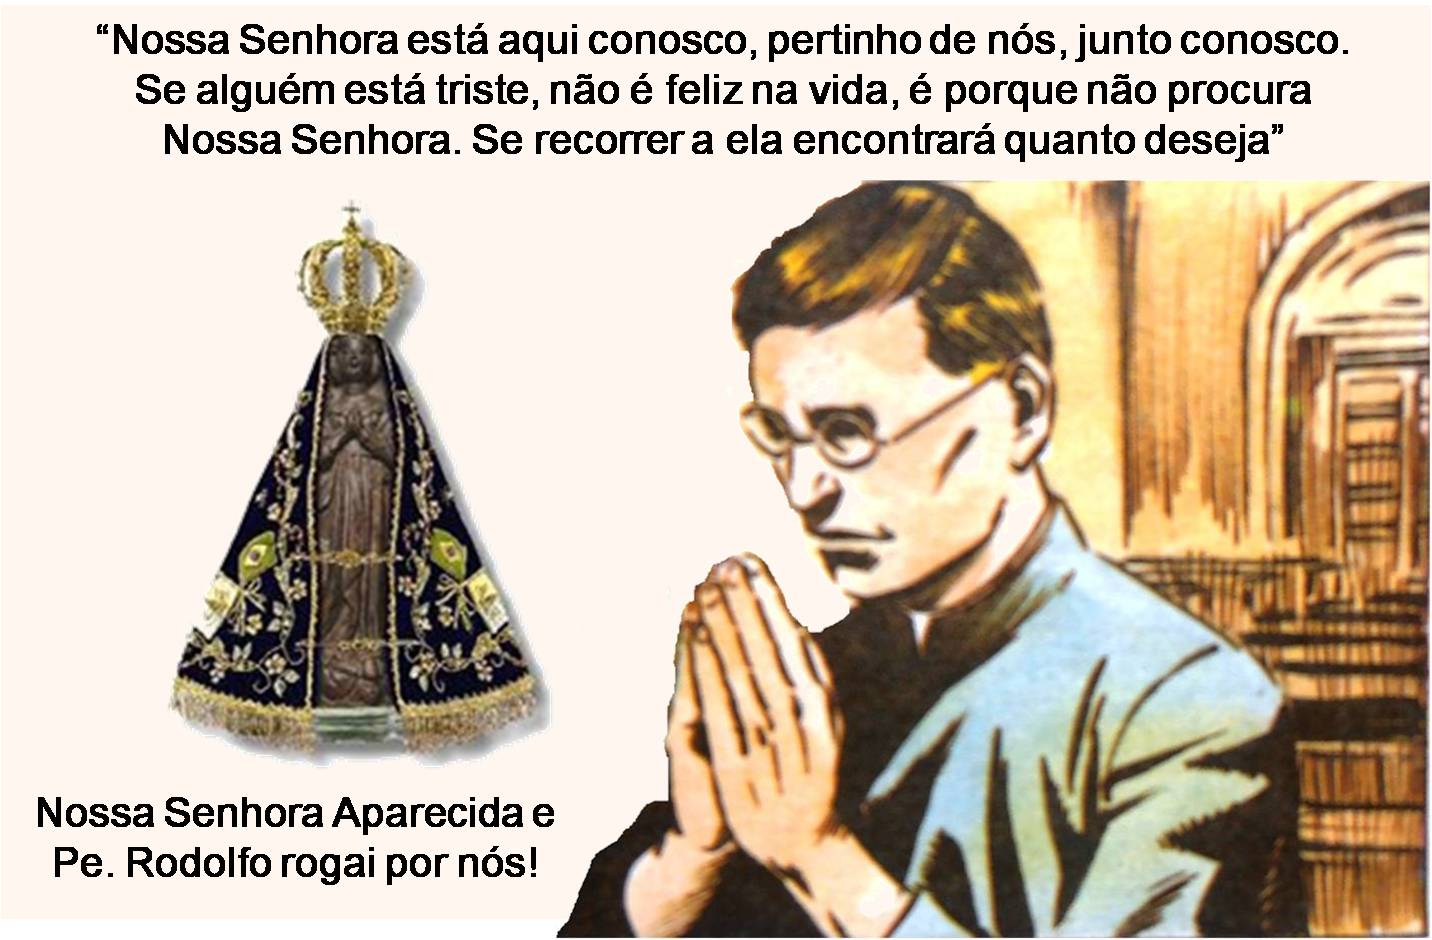 Oração Da Noite Nossa Senhora Aparecida Rogai Por Nós: Padre Rodolfo Komorek: Festa De Nossa Senhora Aparecida